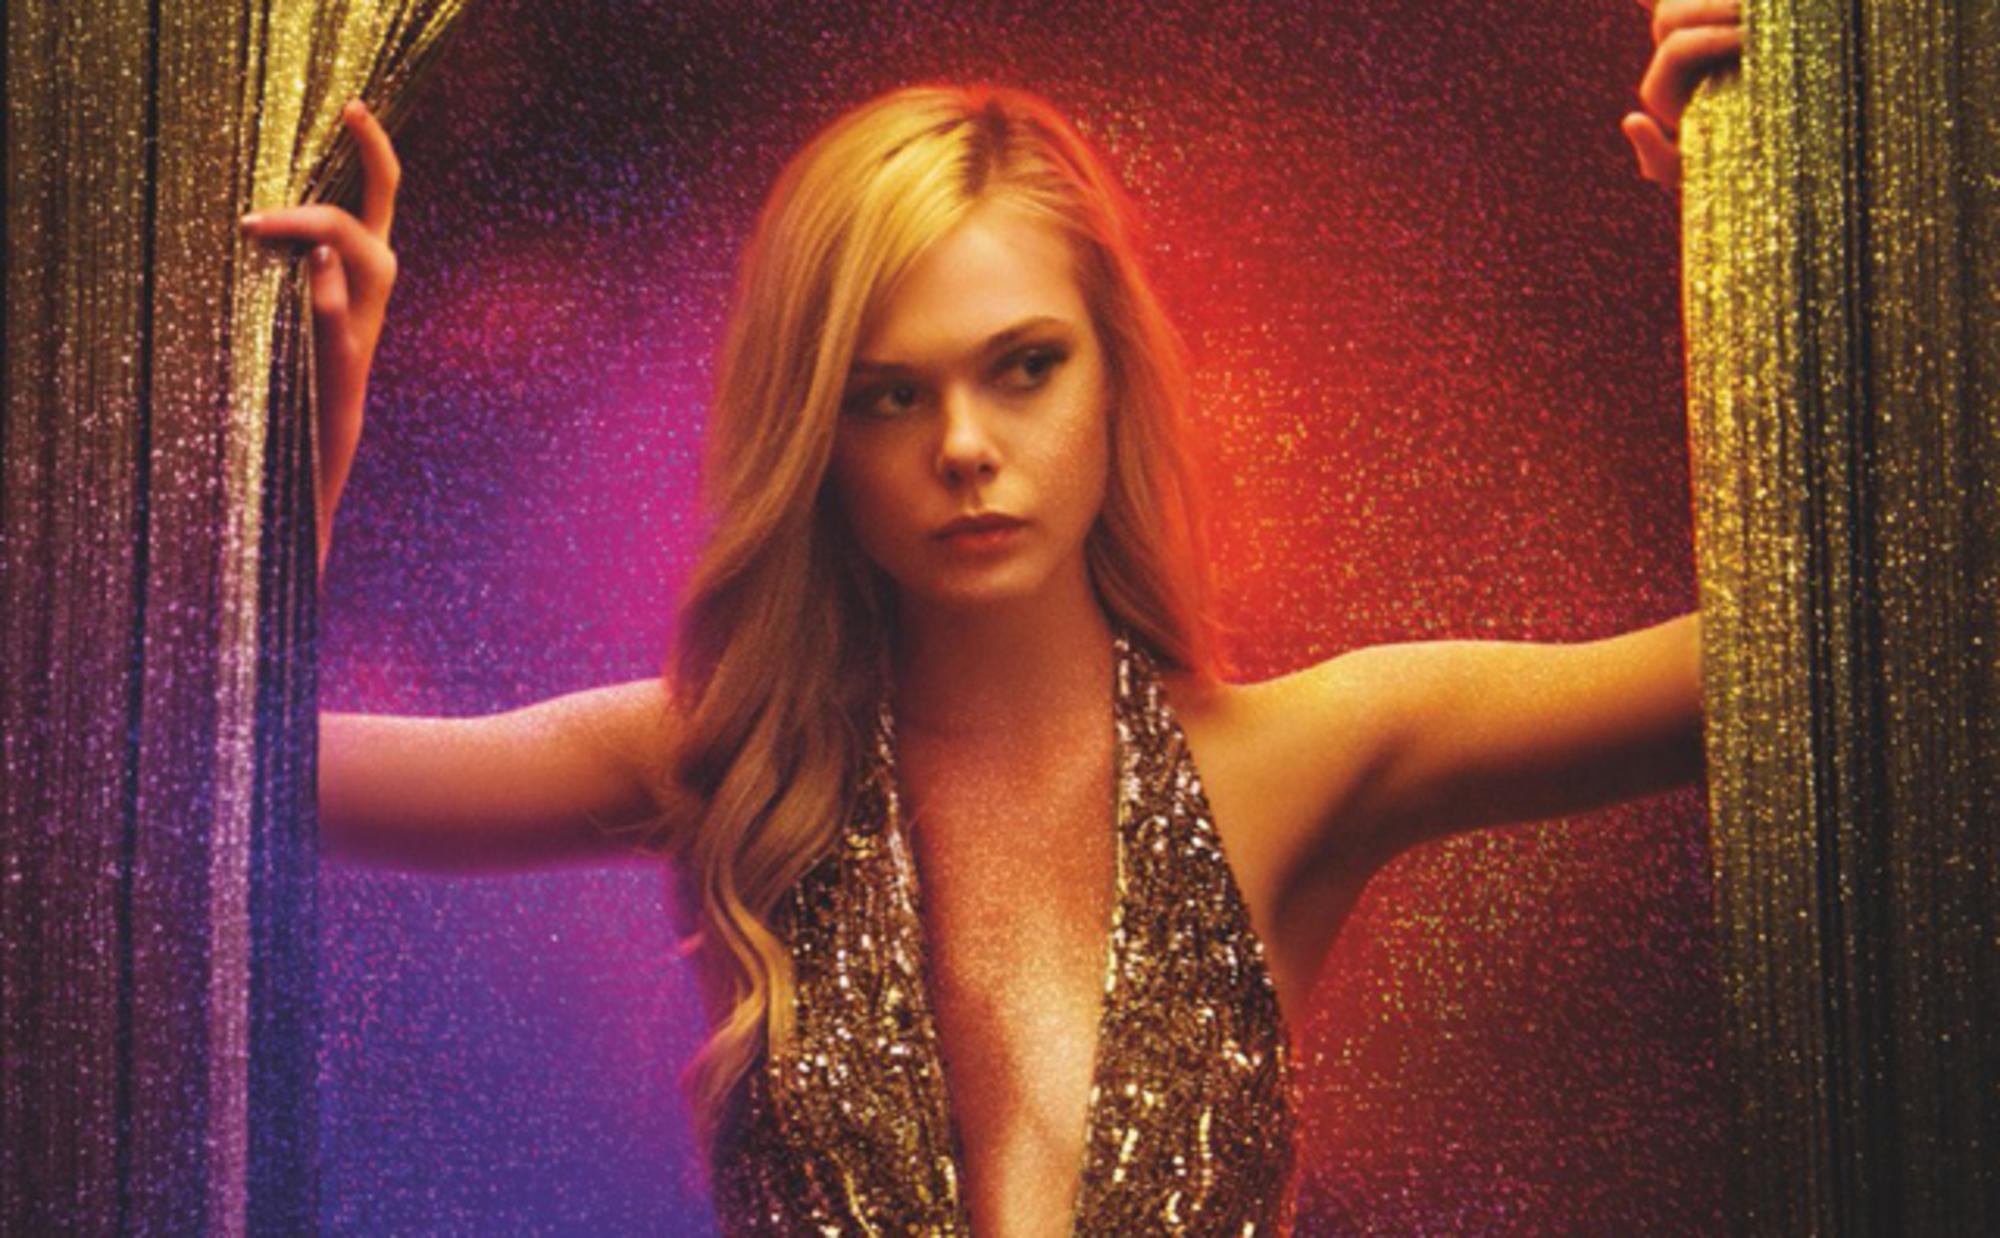 Imagem do filme The Neon Demon, ou Demônio Neon. A imagem mostrauma jovem em um vestido dourado, em um fundo colorido de vermelho e lilás.